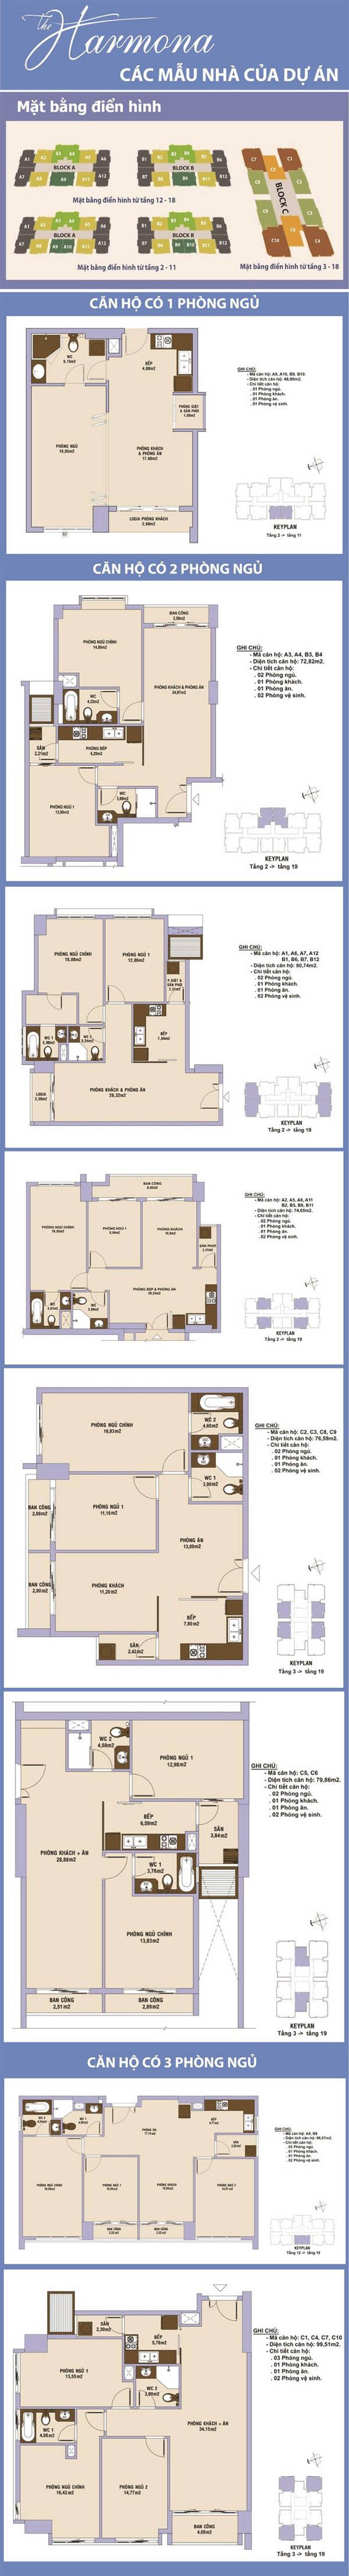 Mẫu căn hộ the Haroma